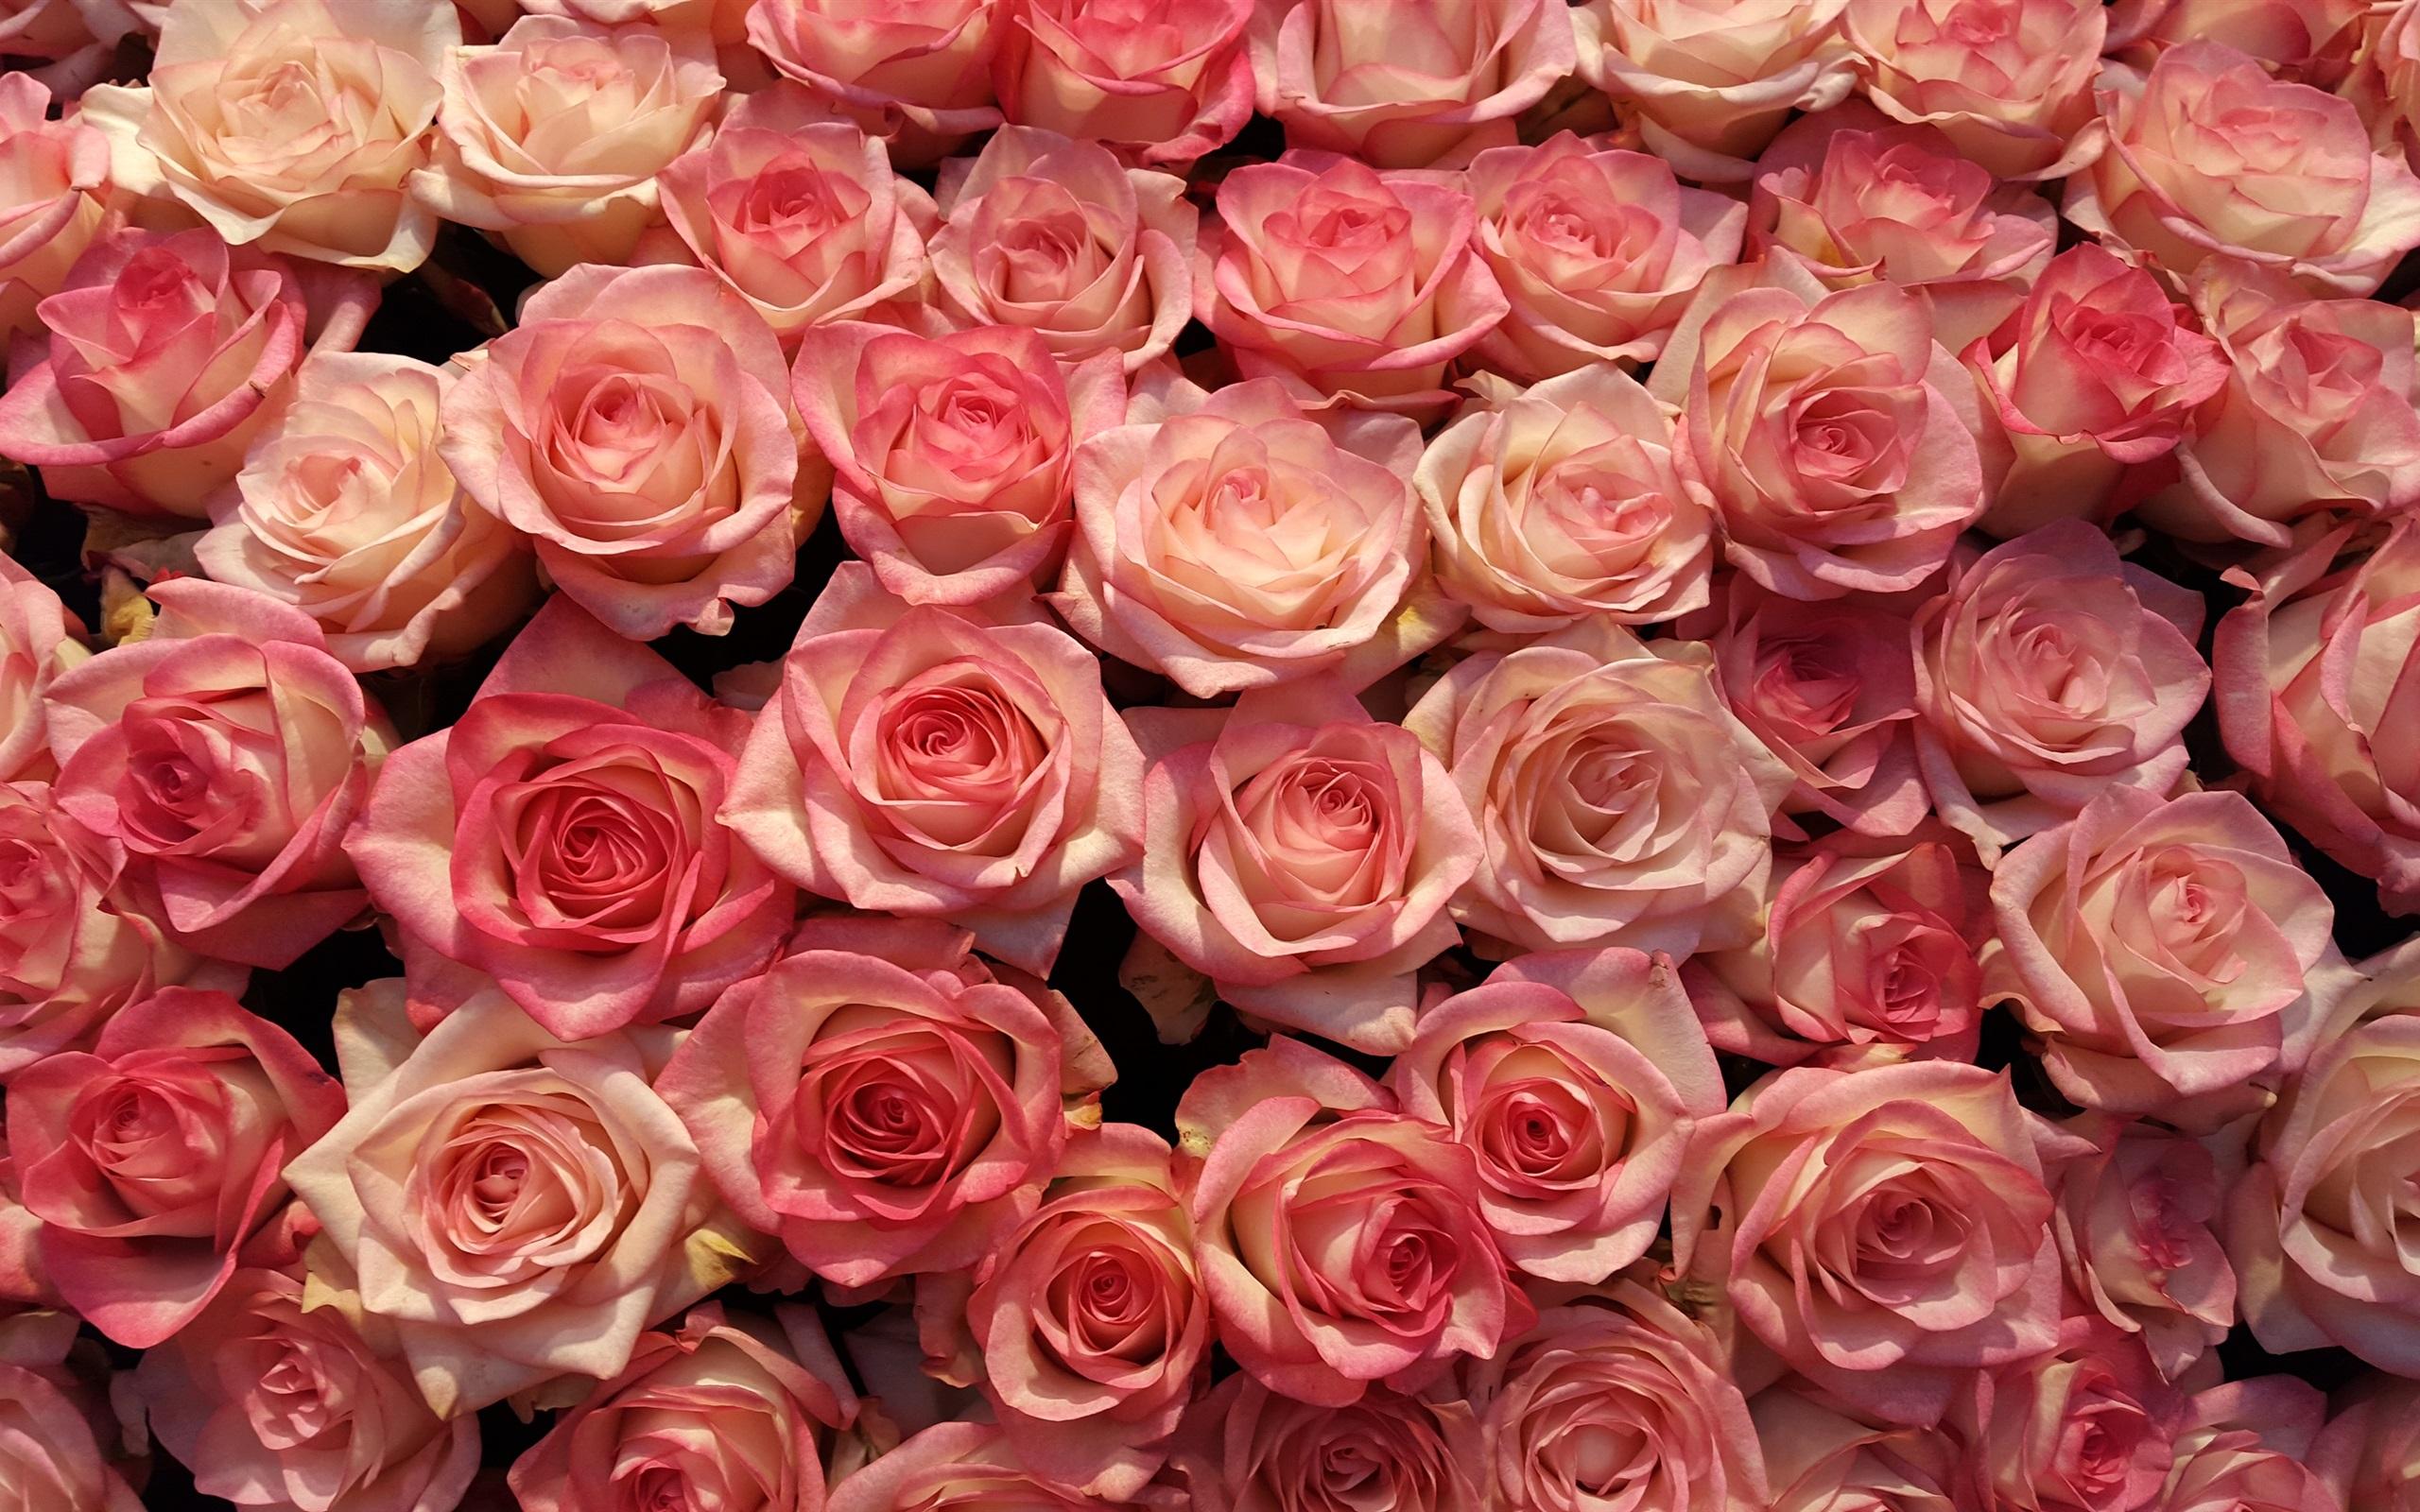 Fondos De Pantalla Rosa: Fondos De Pantalla Muchas Rosas Rosadas, Fondo De Flores